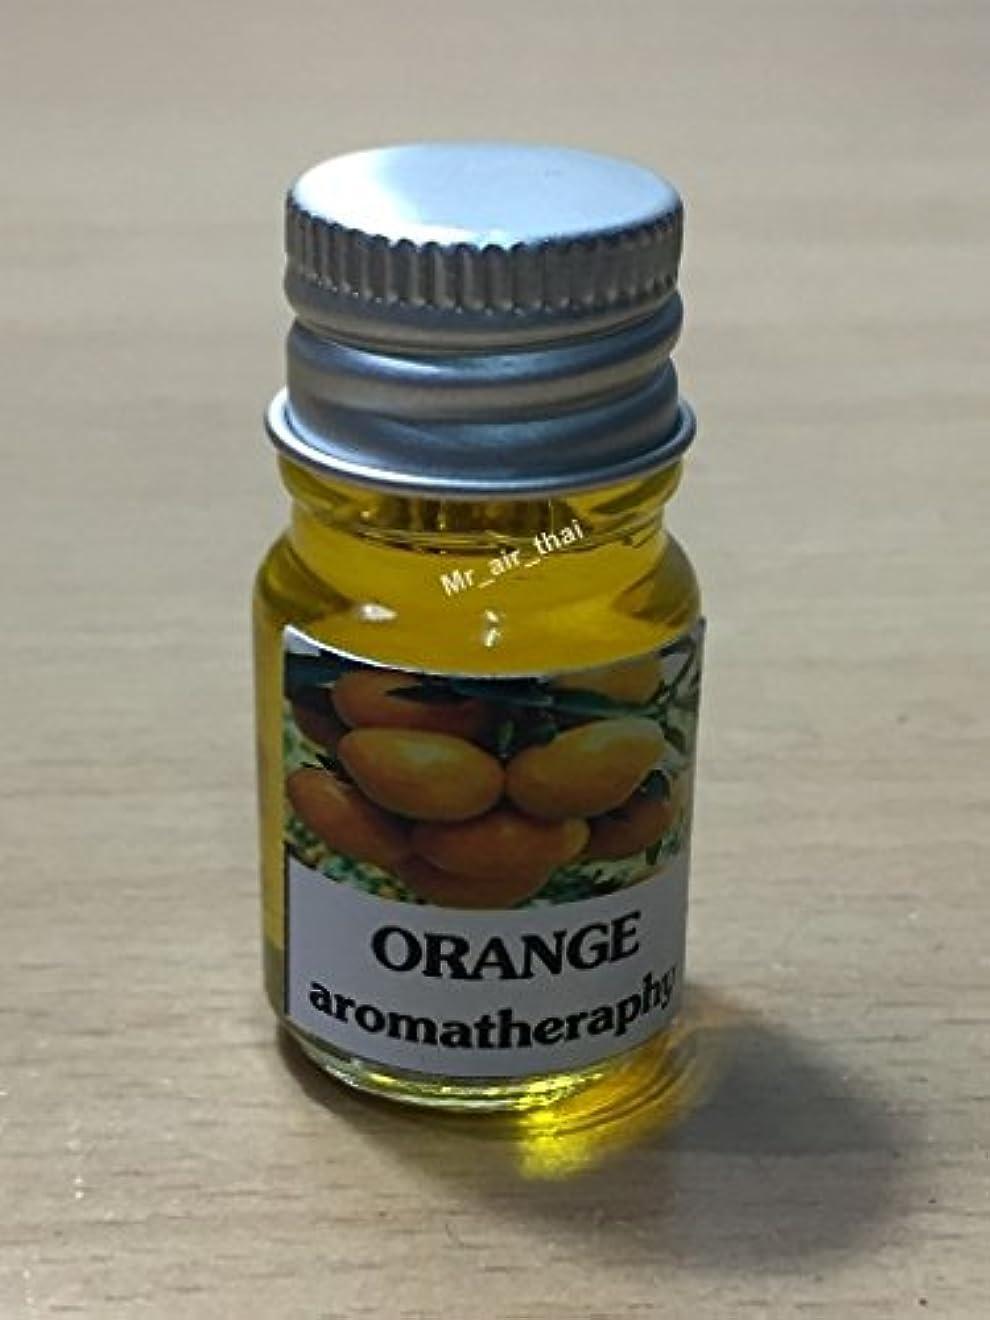 テキスト百科事典ジャンク5ミリリットルアロマオレンジフランクインセンスエッセンシャルオイルボトルアロマテラピーオイル自然自然5ml Aroma Orange Frankincense Essential Oil Bottles Aromatherapy...